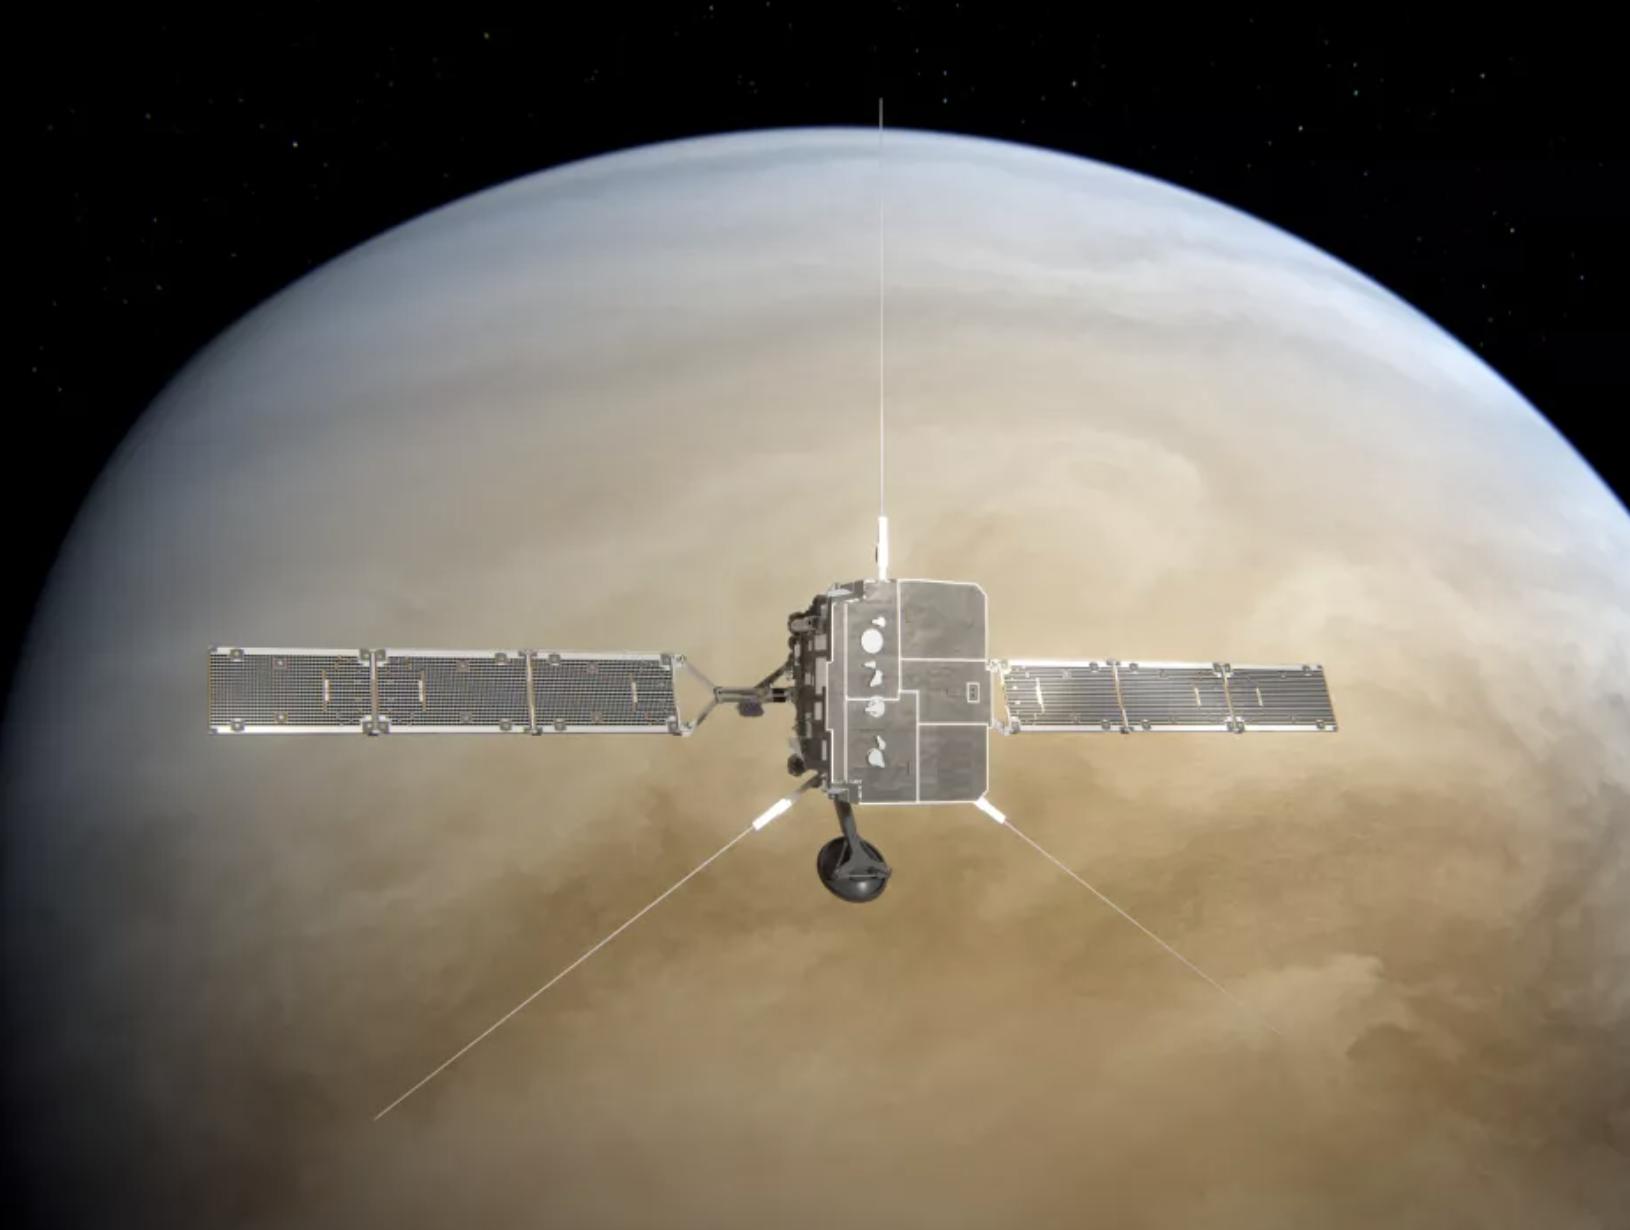 La sonda Solar Orbiter sobrevoló y capturó algunos datos de Venus